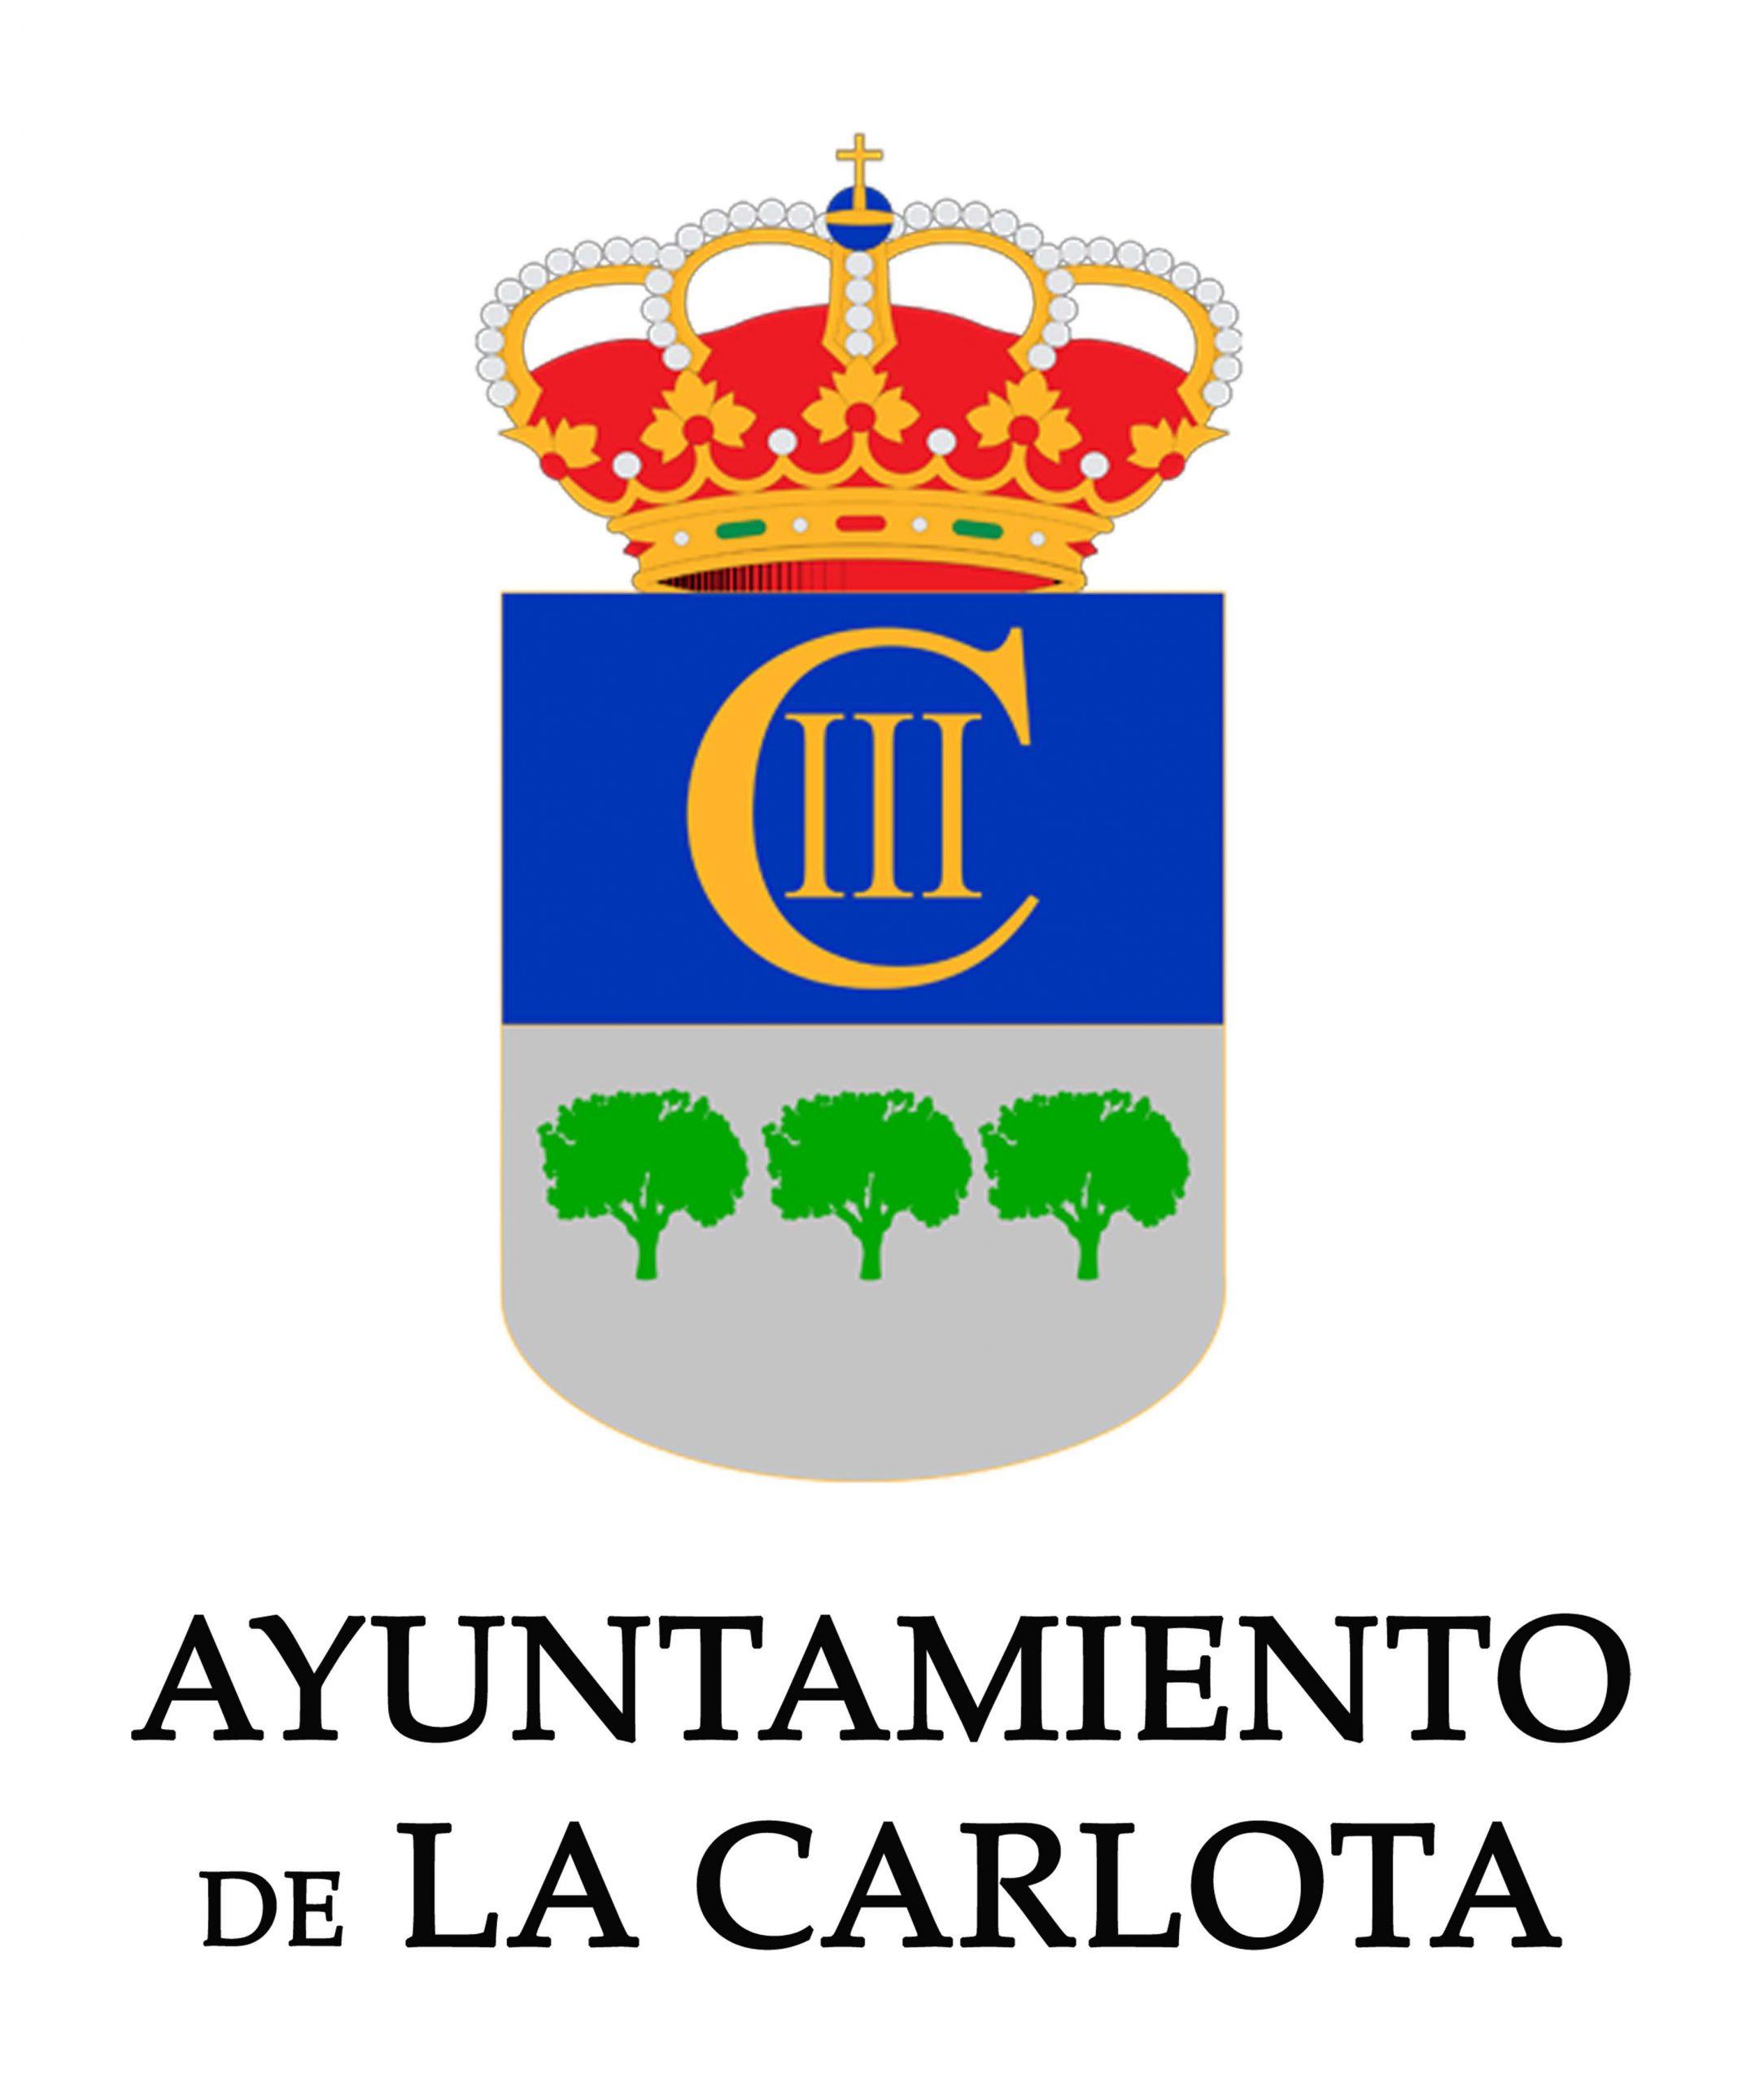 LA CARLOTA CONTABILIZA TRES  POSITIVOS DE COVID-19 1